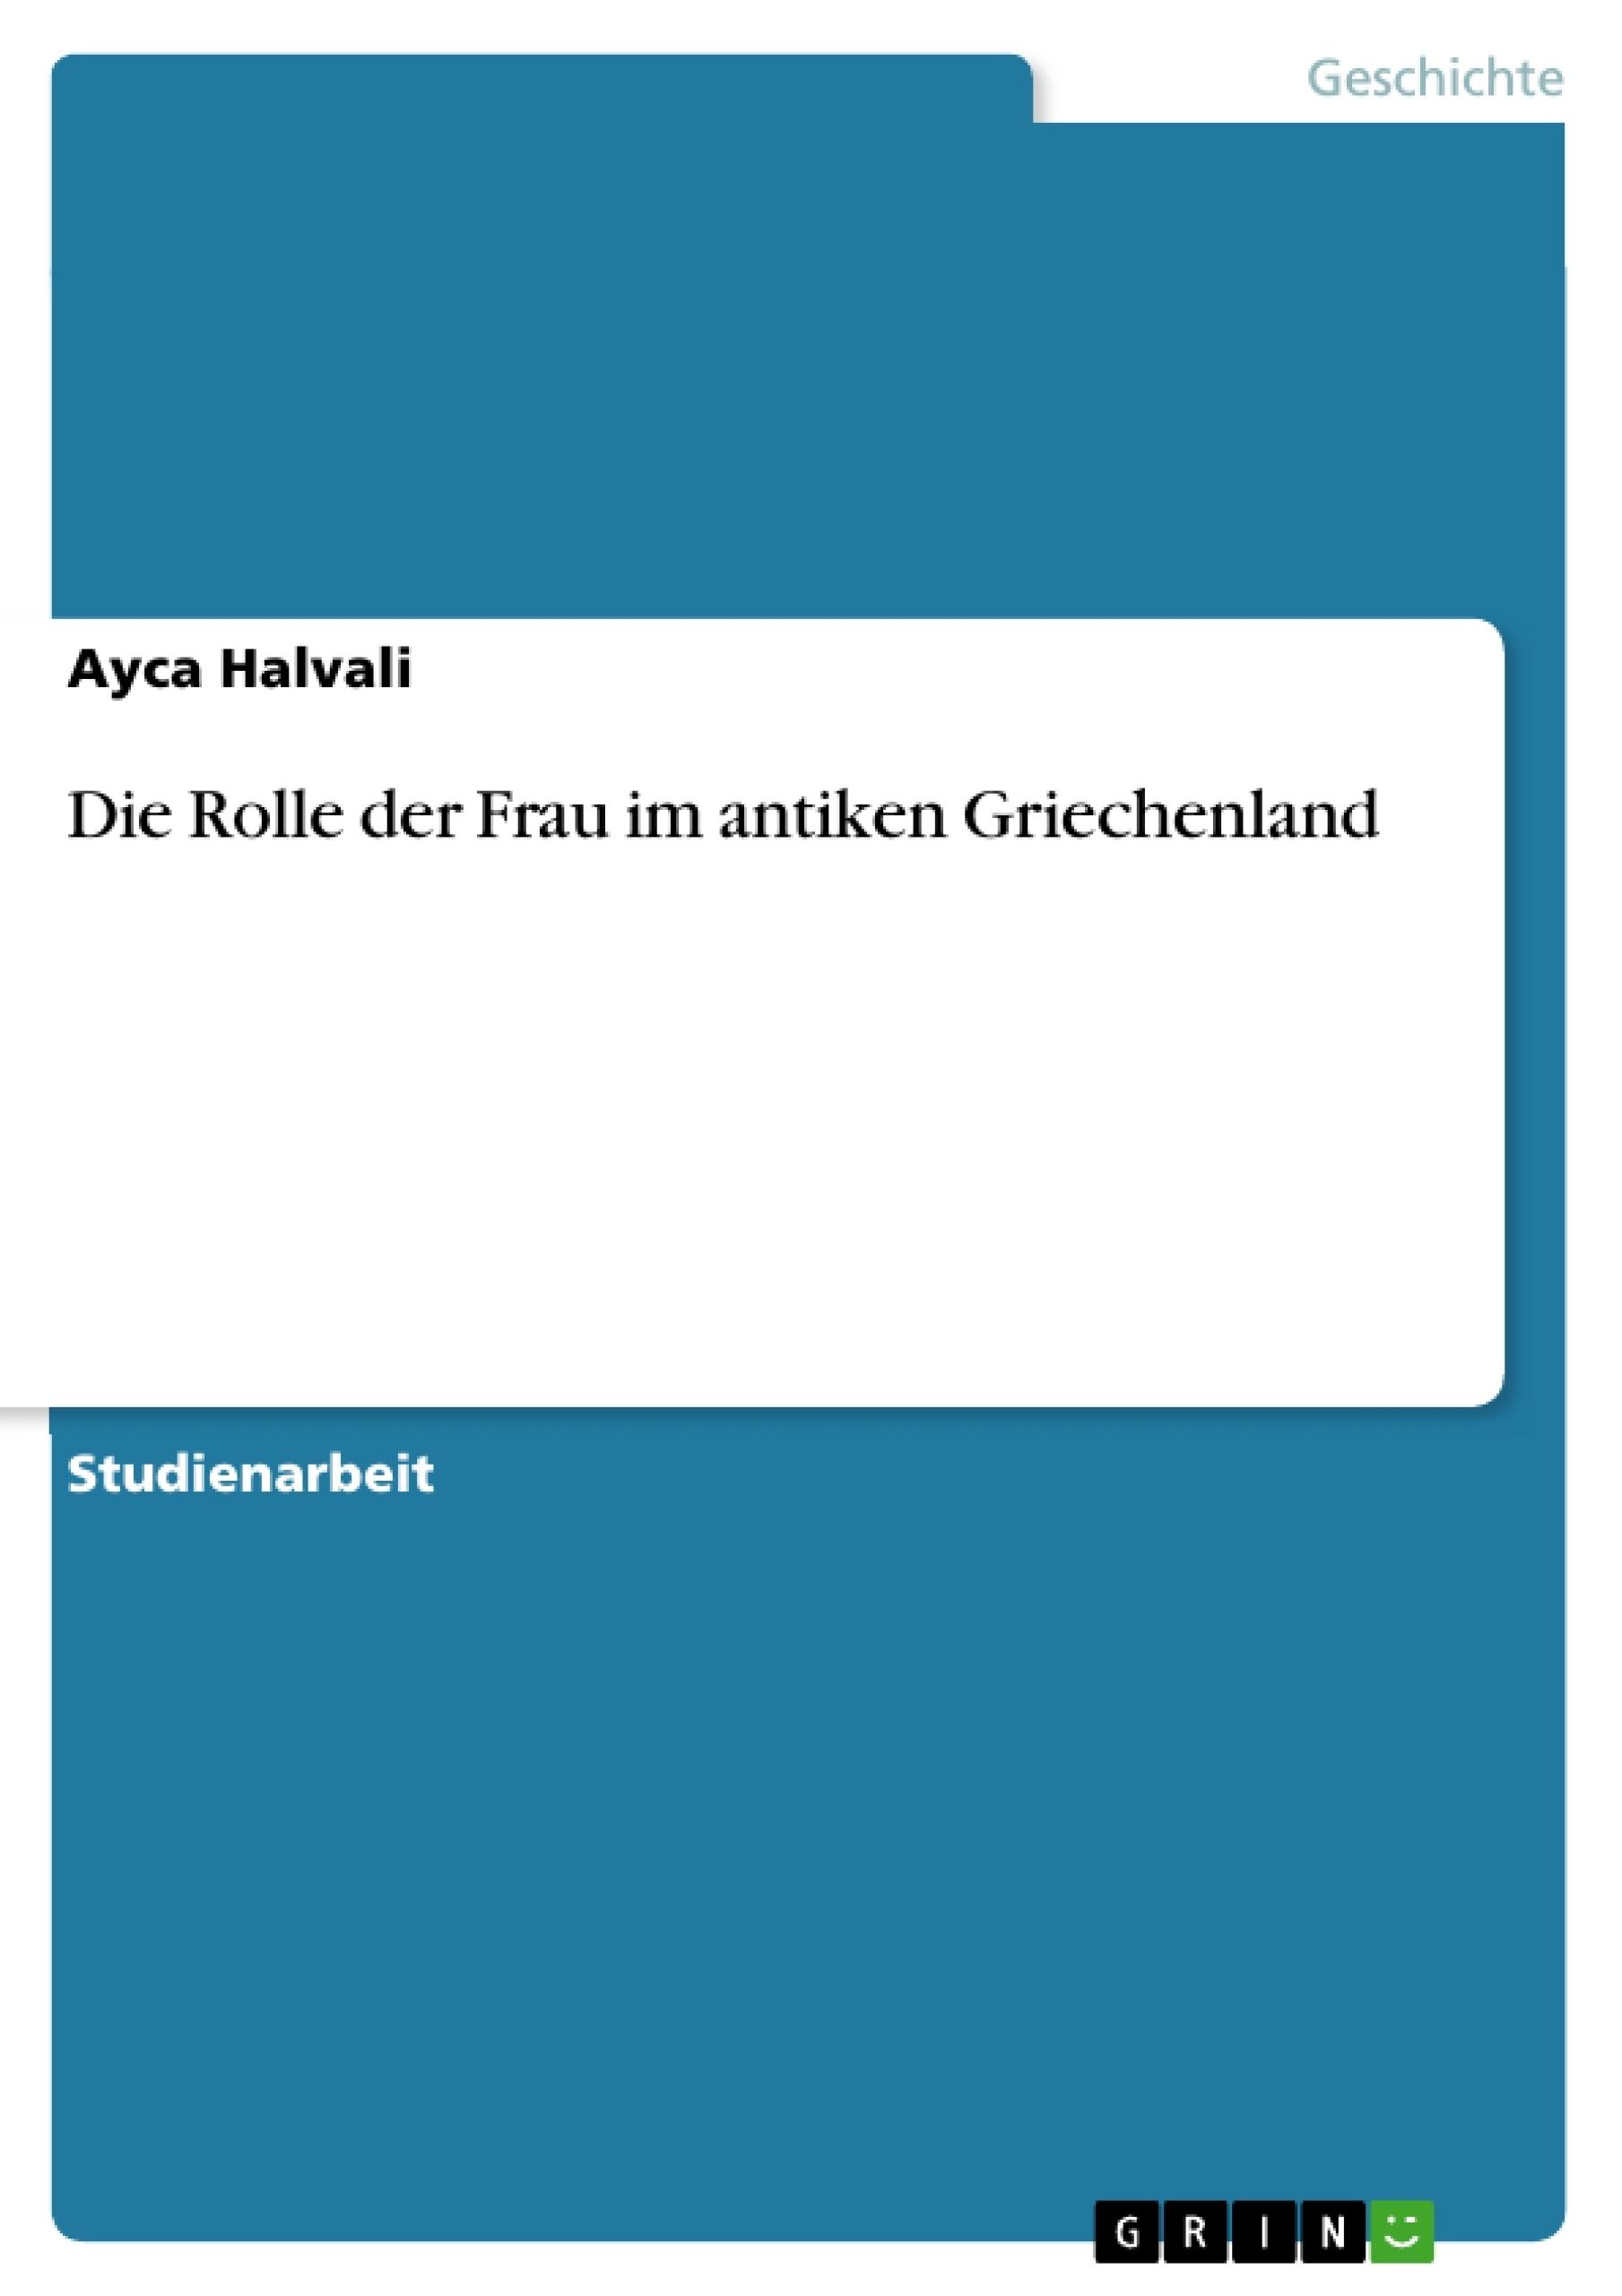 Titel: Die Rolle der Frau im antiken Griechenland